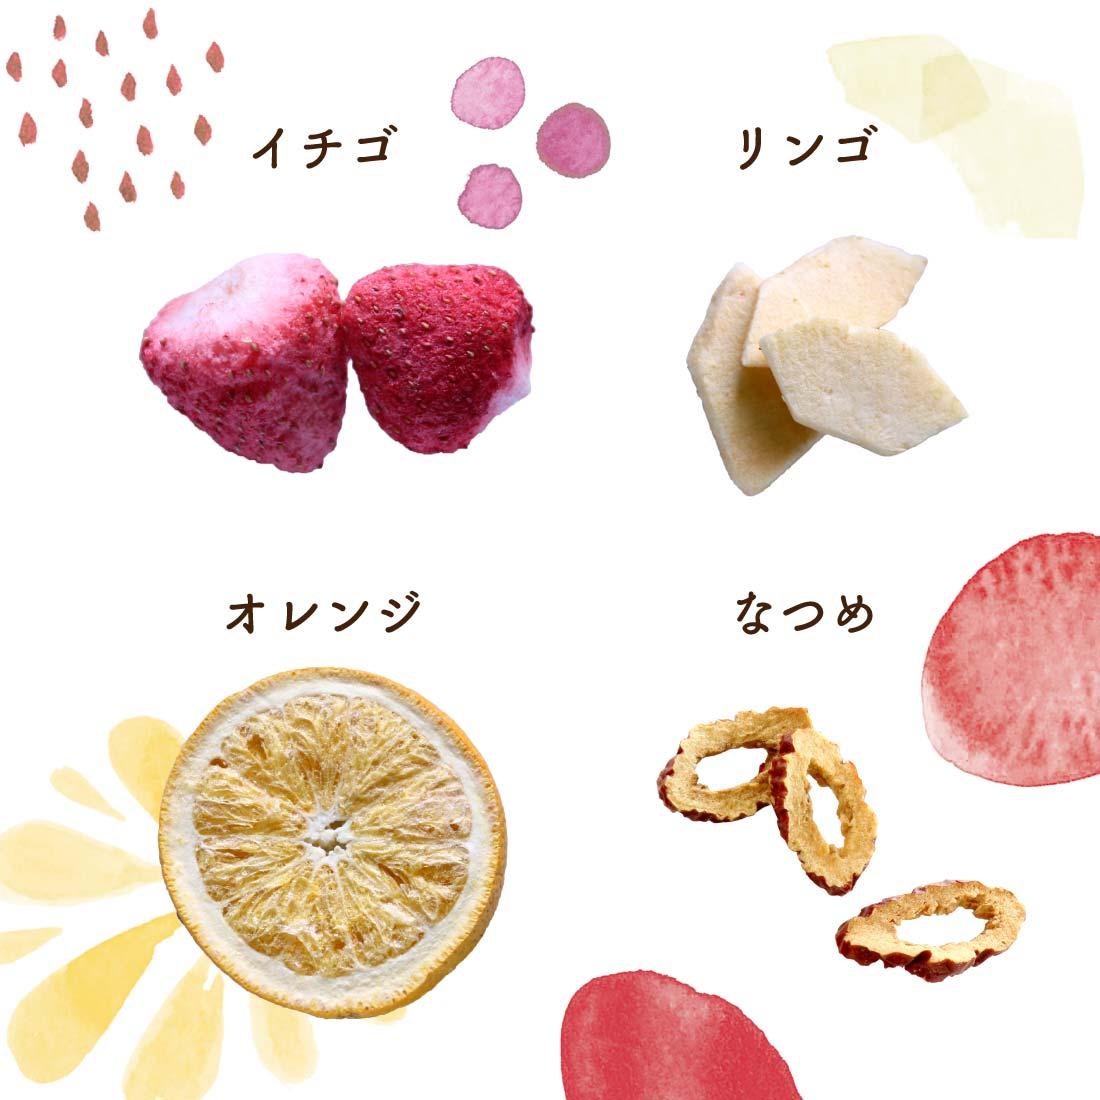 フルーツチップ各種 イチゴ リンゴ オレンジ なつめ